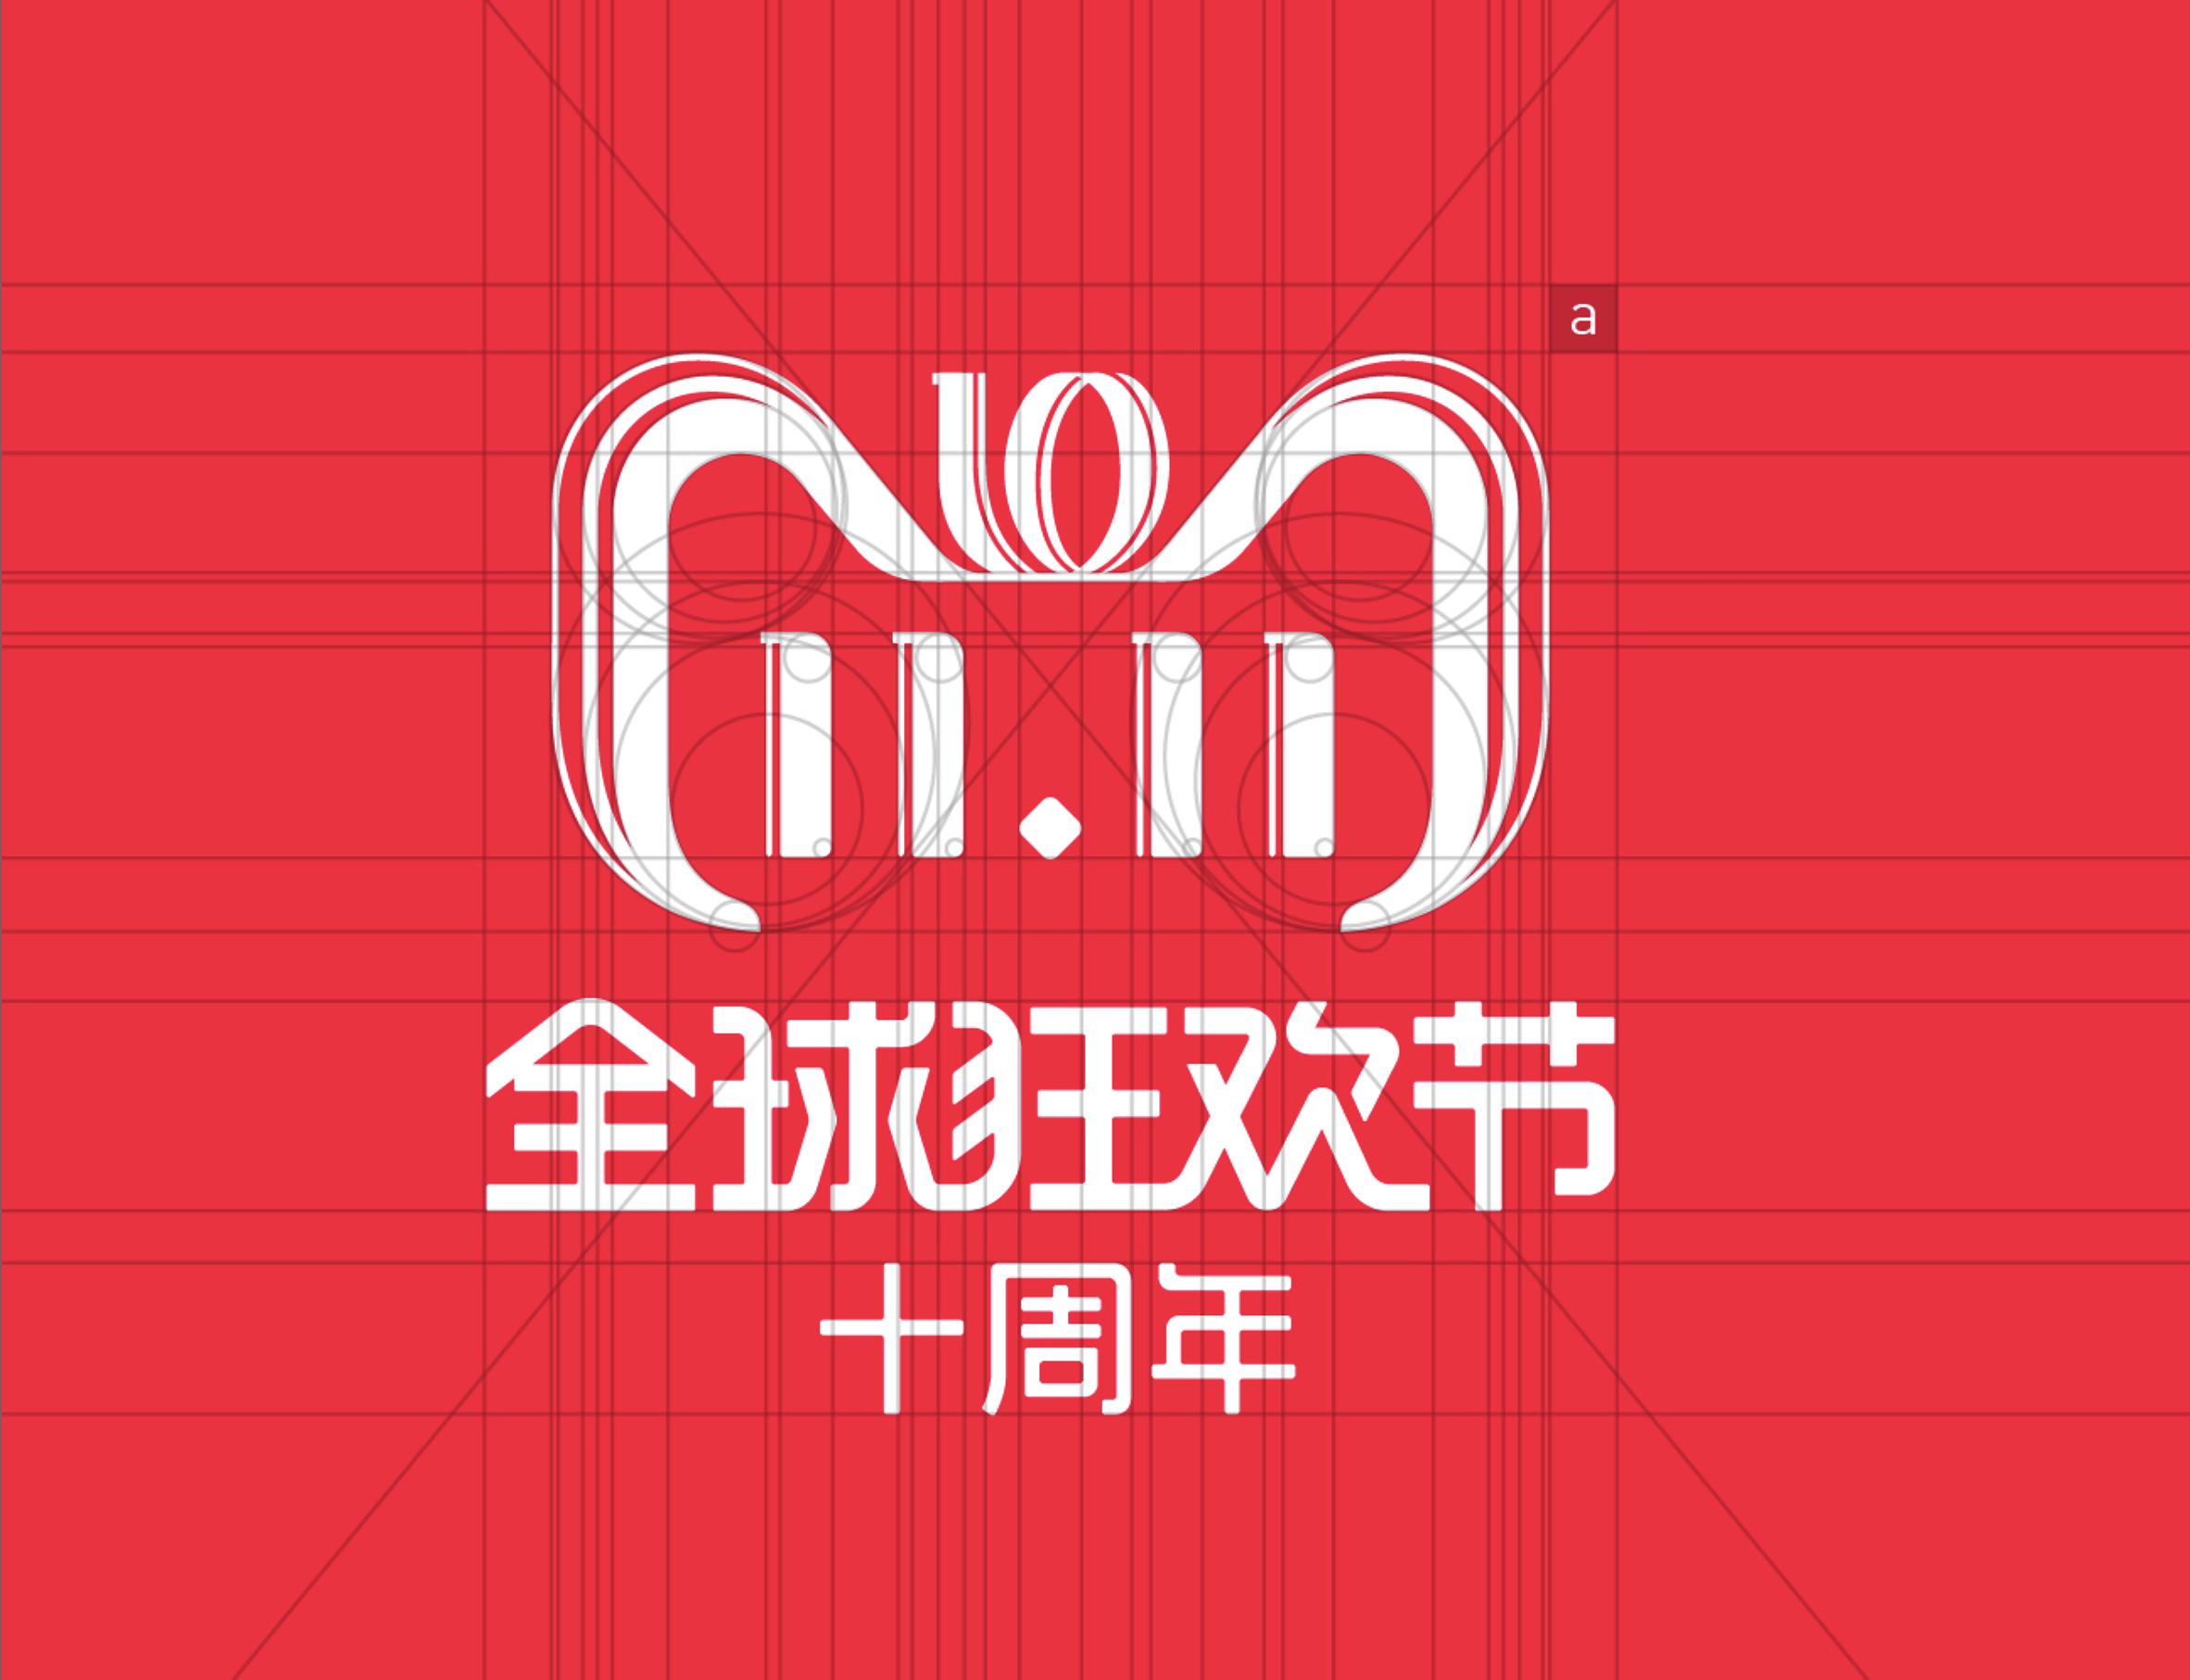 2018双十一品牌-官方揭秘设计全过程 (1).png